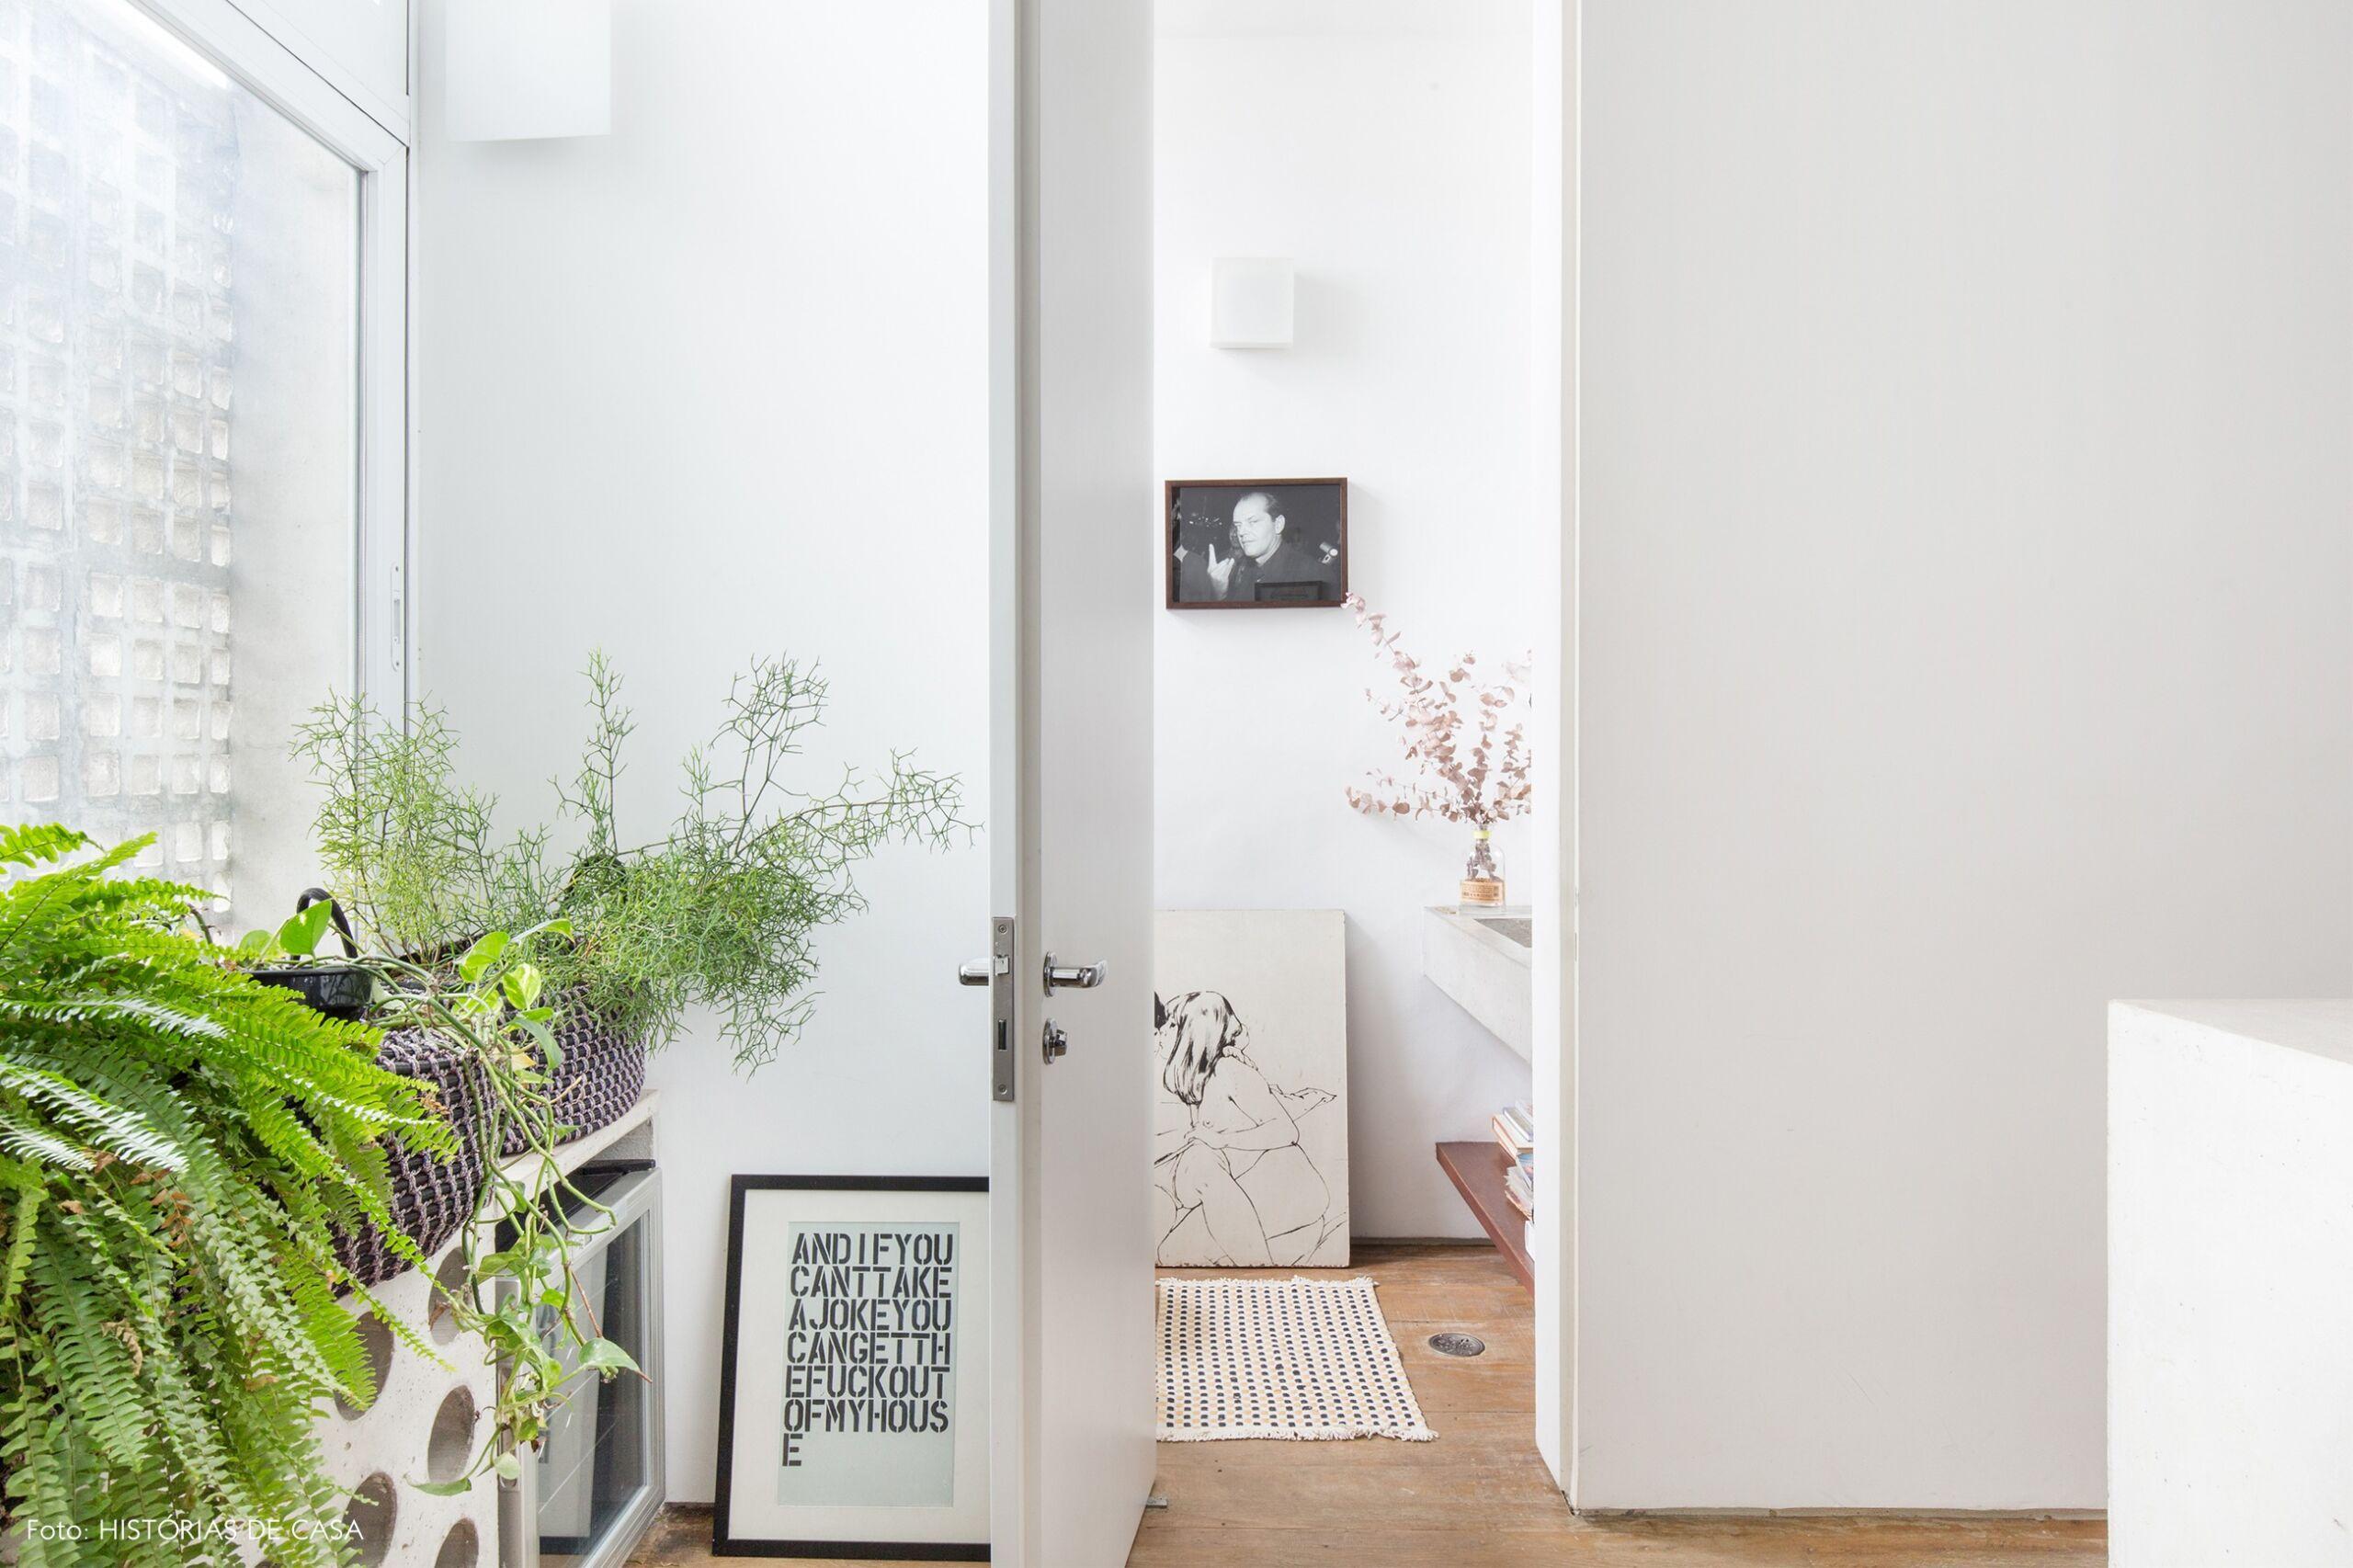 Ap decoração banheiro copan paredes brancas banheiro plantas quadros